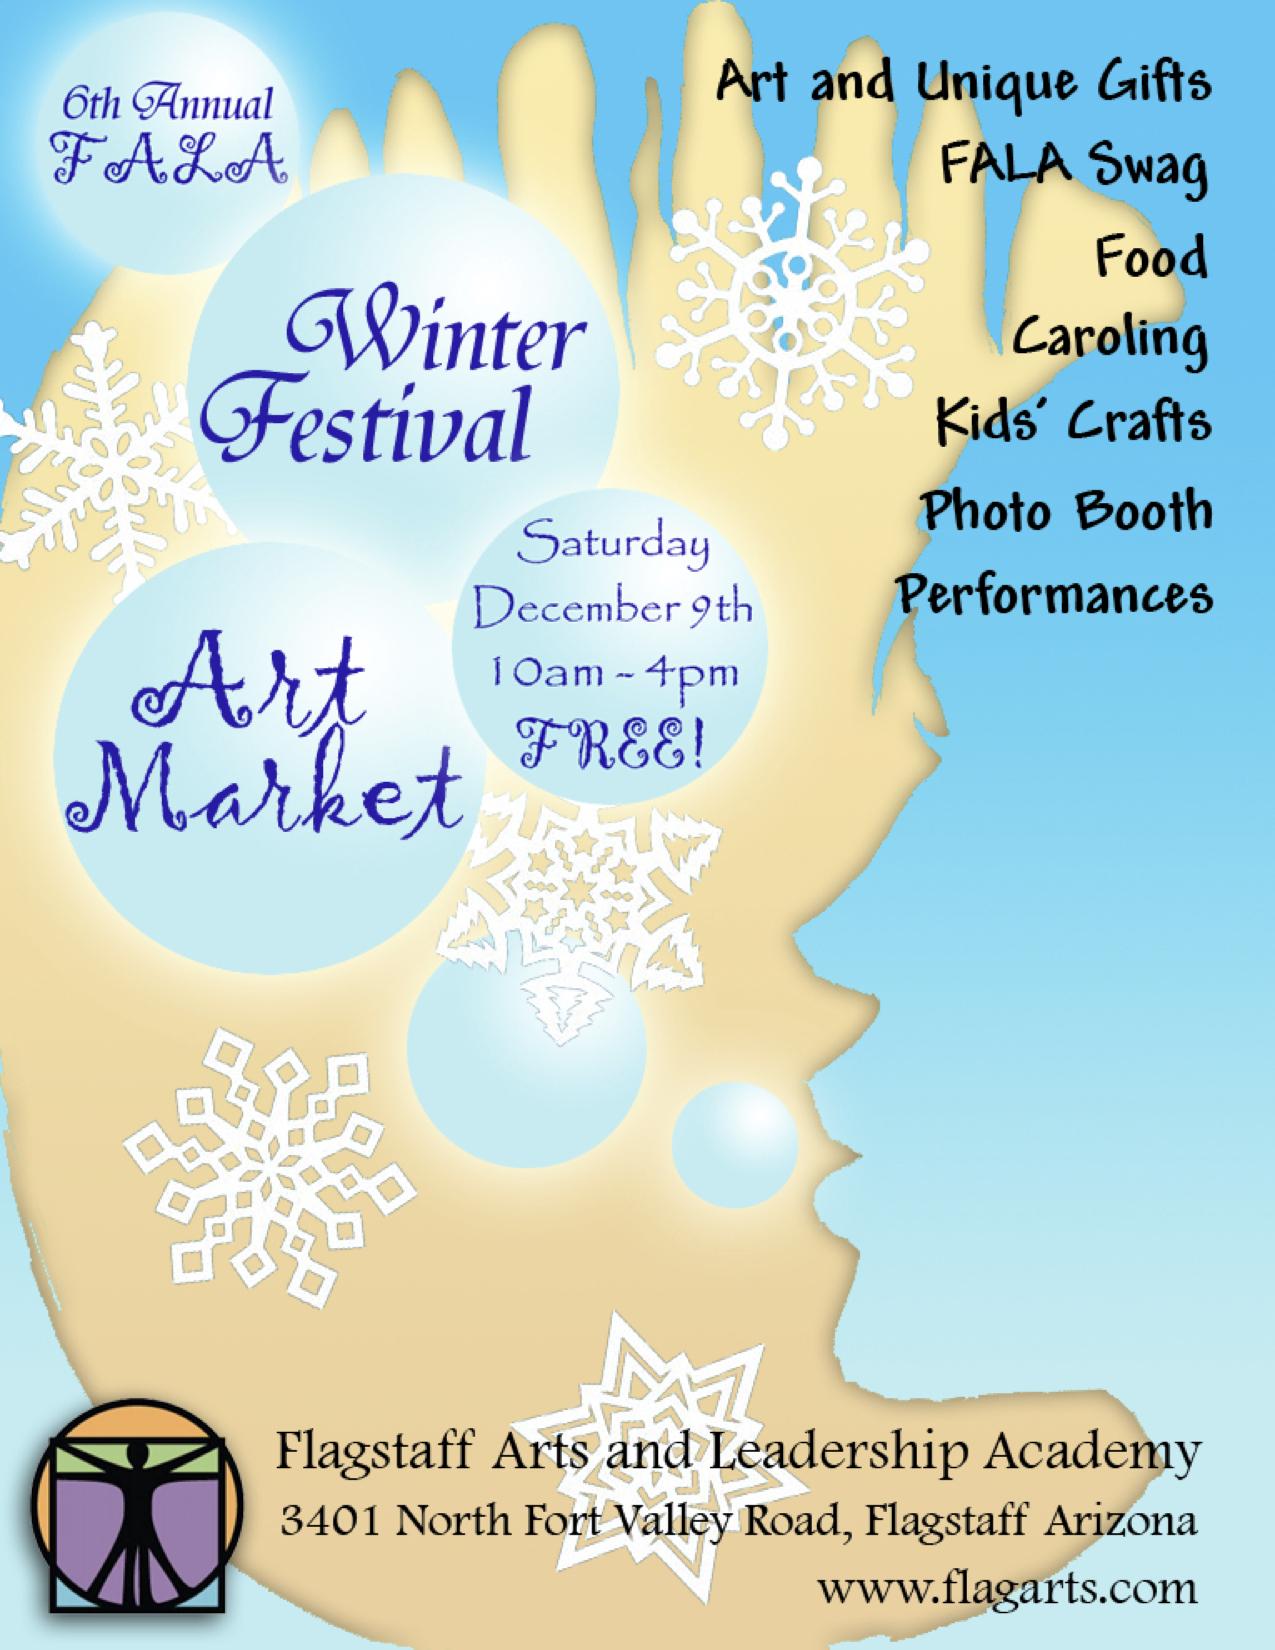 6th Annual Winter Festival Art Market